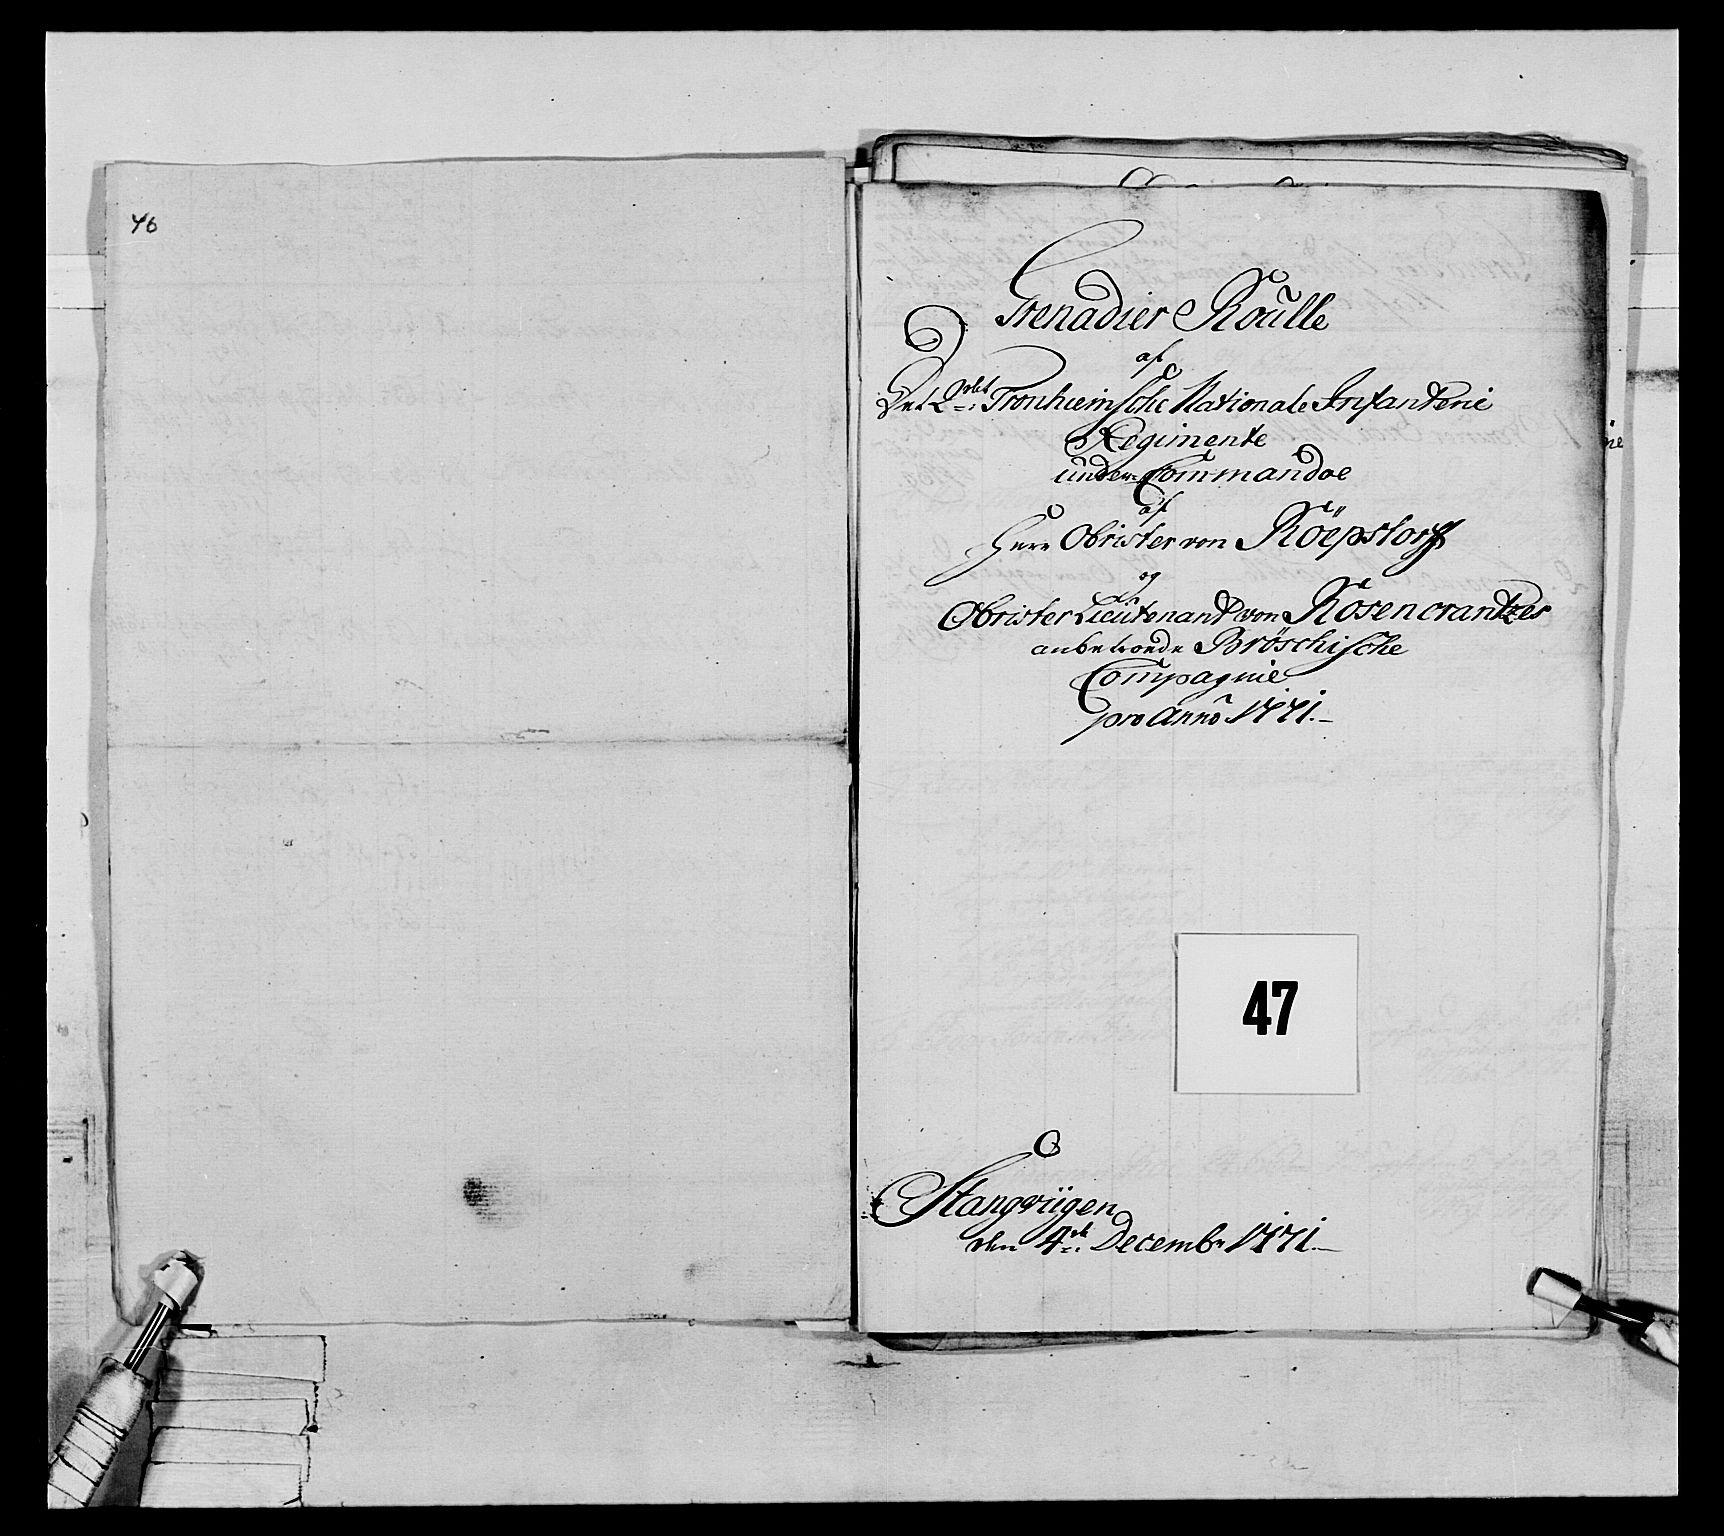 RA, Generalitets- og kommissariatskollegiet, Det kongelige norske kommissariatskollegium, E/Eh/L0076: 2. Trondheimske nasjonale infanteriregiment, 1766-1773, s. 152